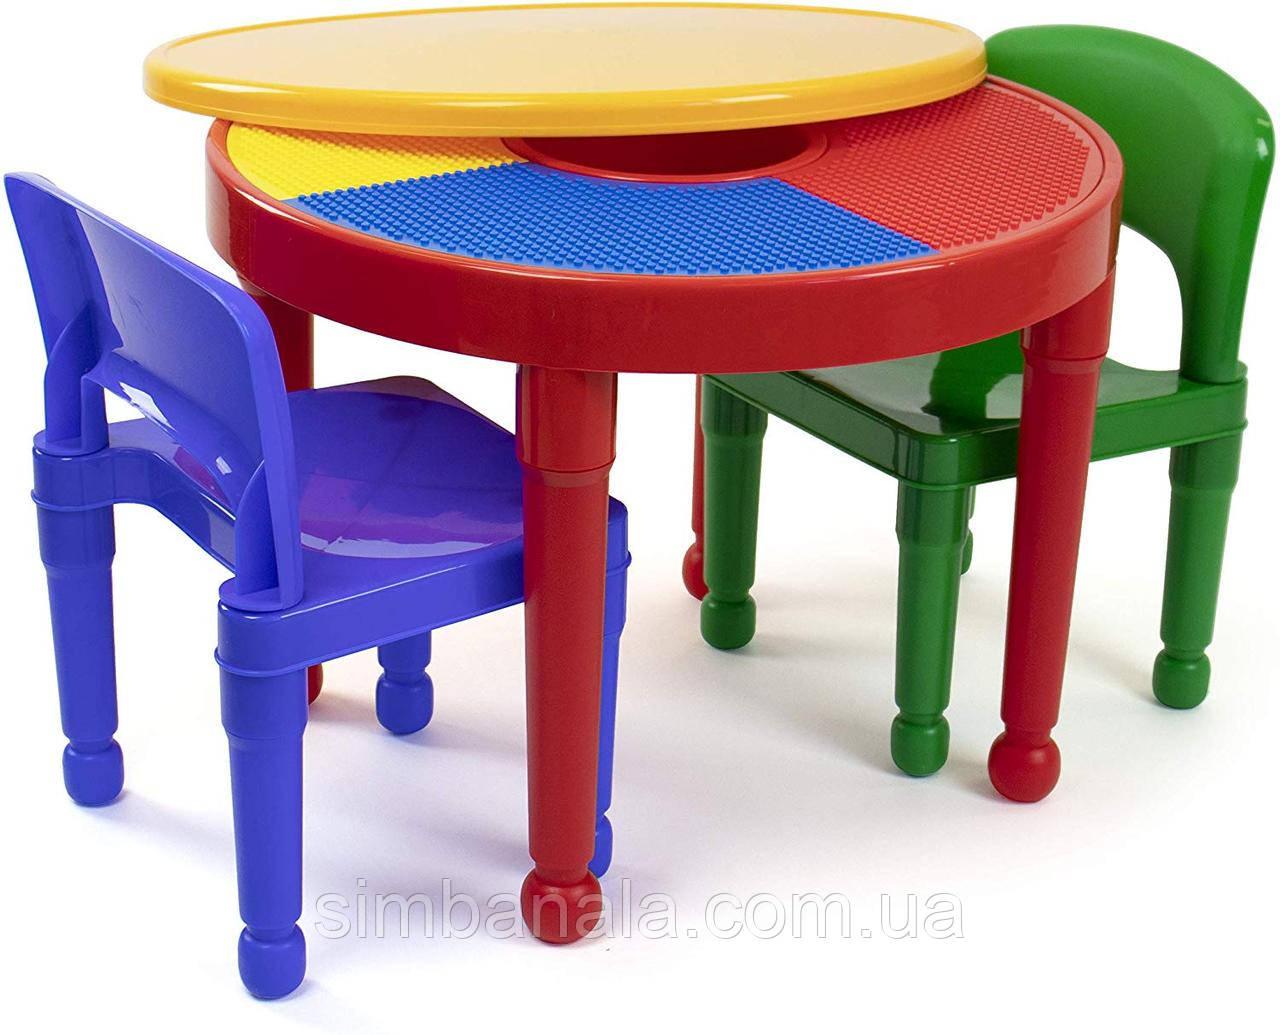 Круглый детский столик 2в1 для творчества и игр с Лего, Tot Tutors США